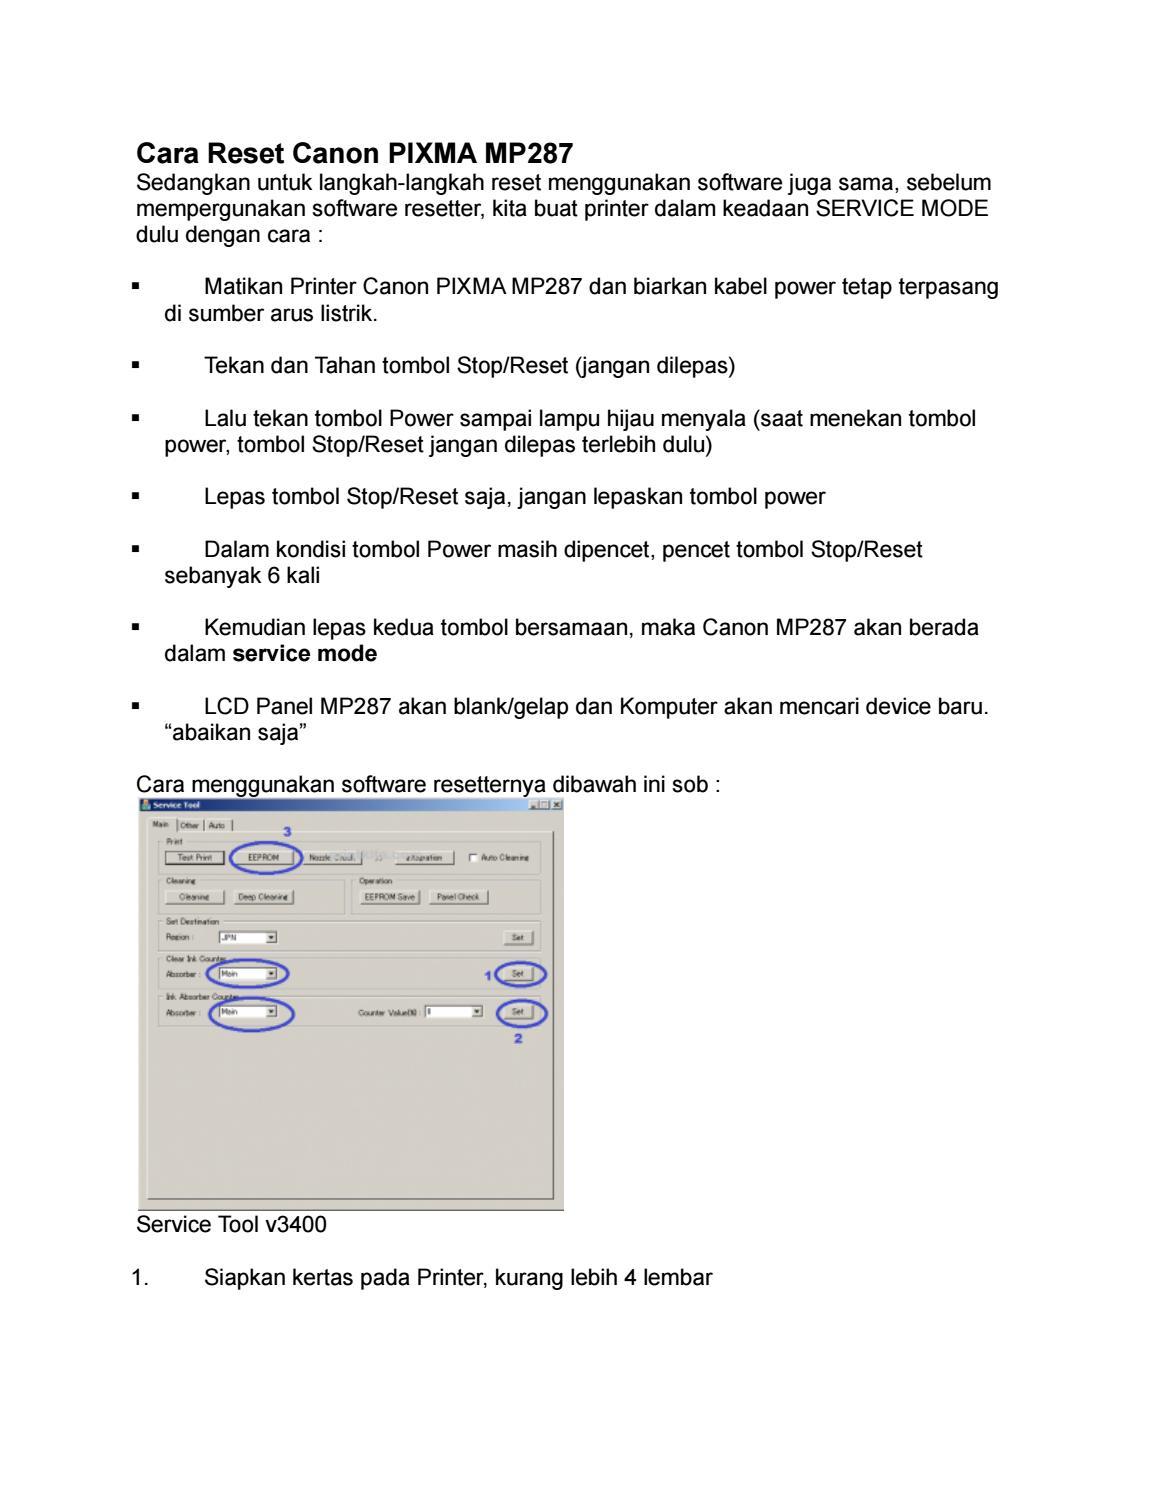 Cara Menggunakan Service Tool V3400 : menggunakan, service, v3400, Tutorial, Mizan, Mizansyarifhawari, Issuu